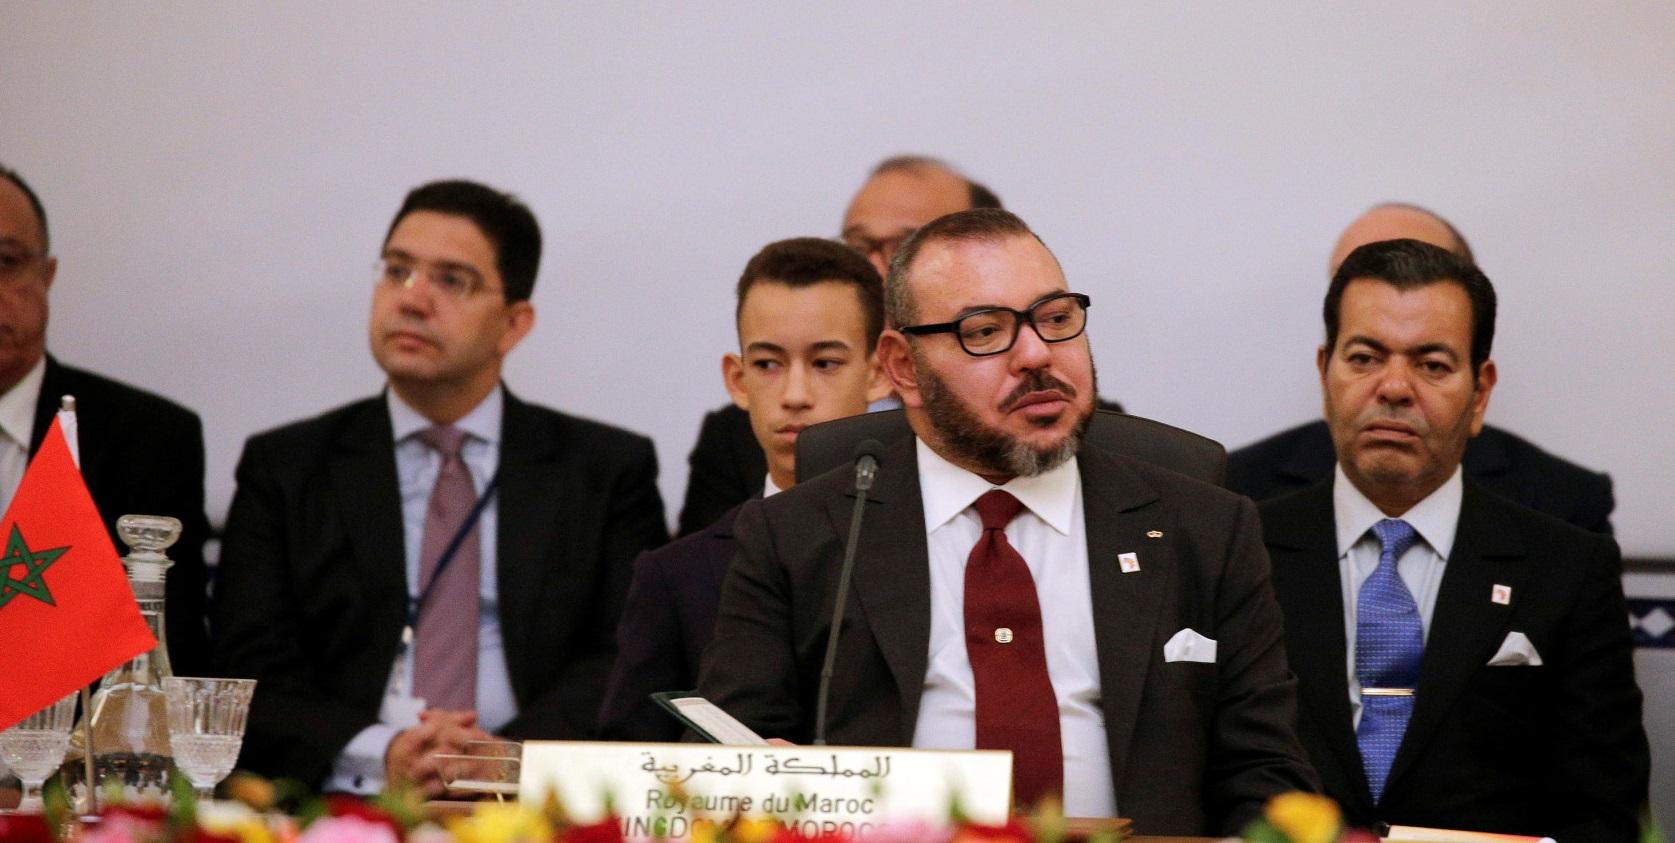 Mohammed VI, Maroc, Makhzen